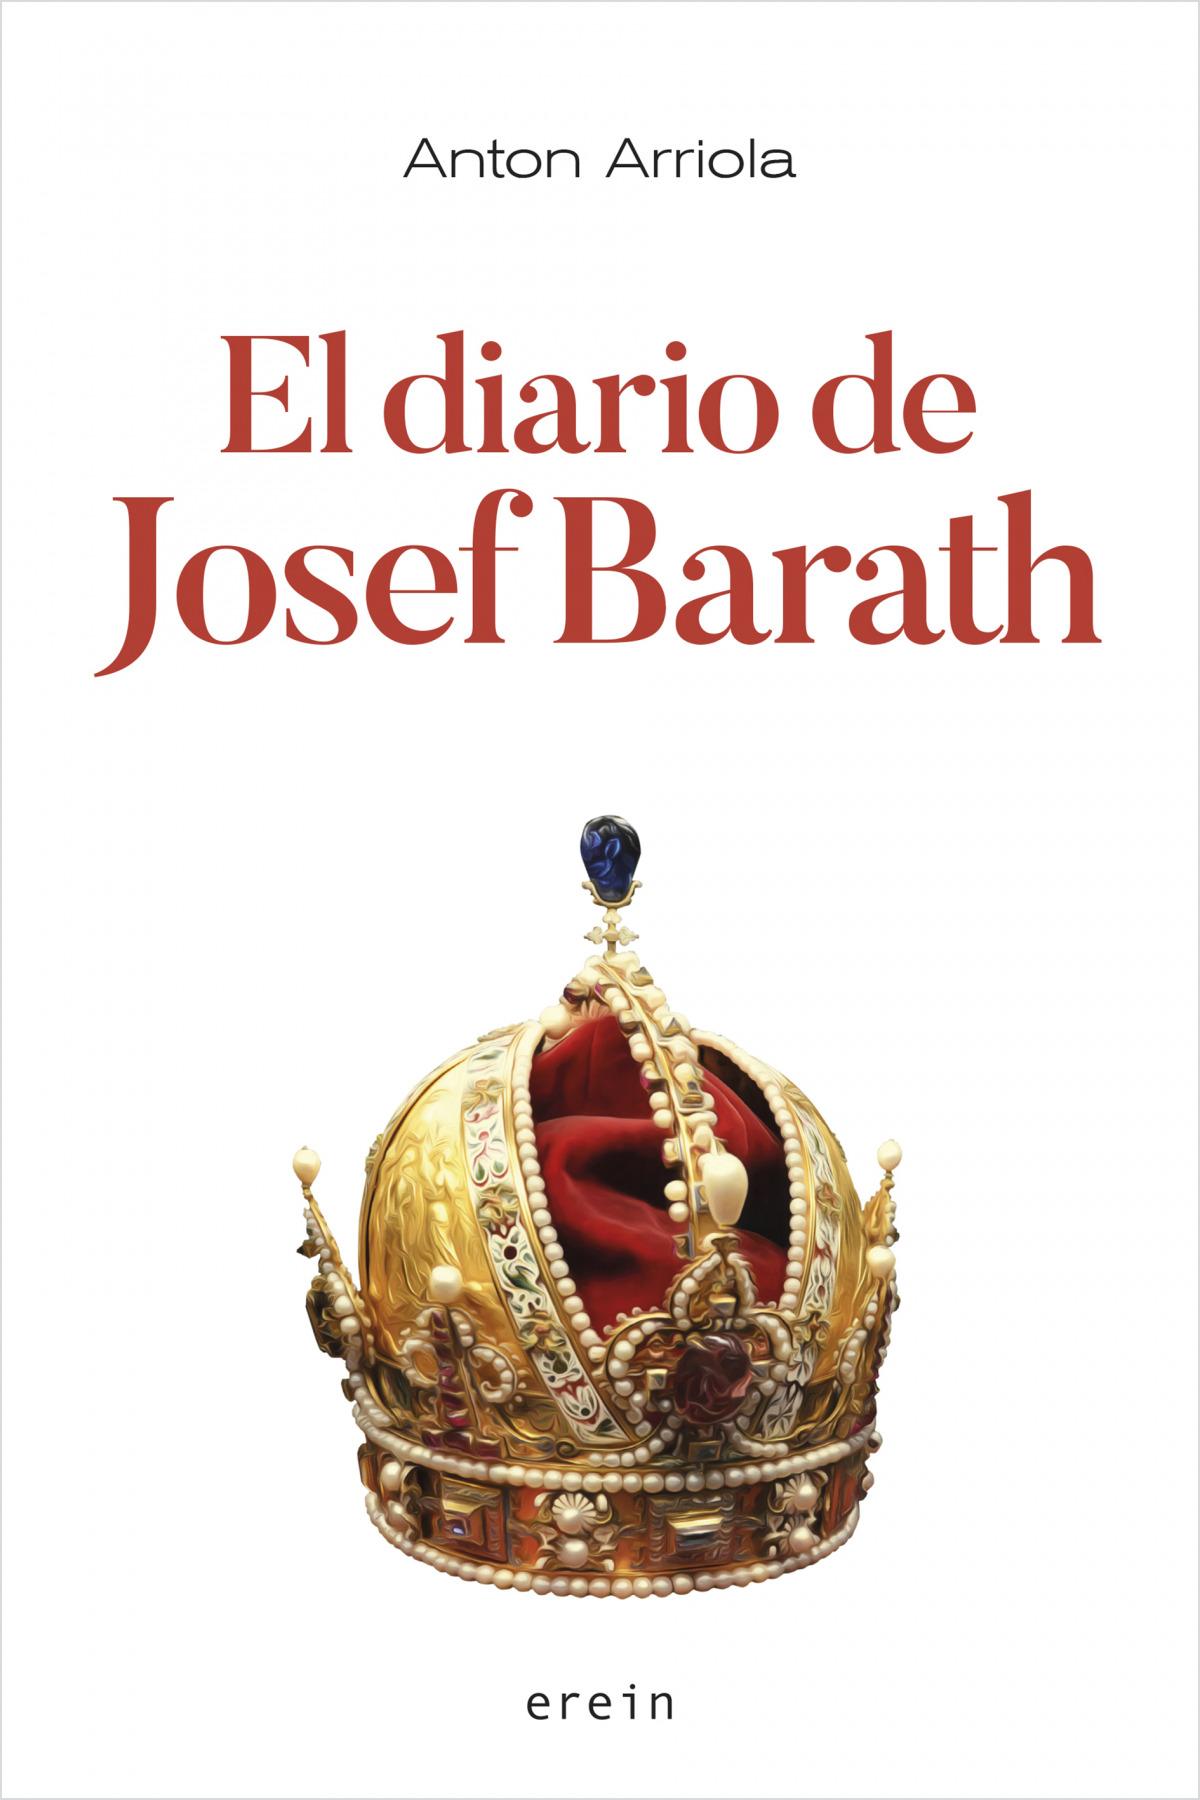 El diario de Josef Barath